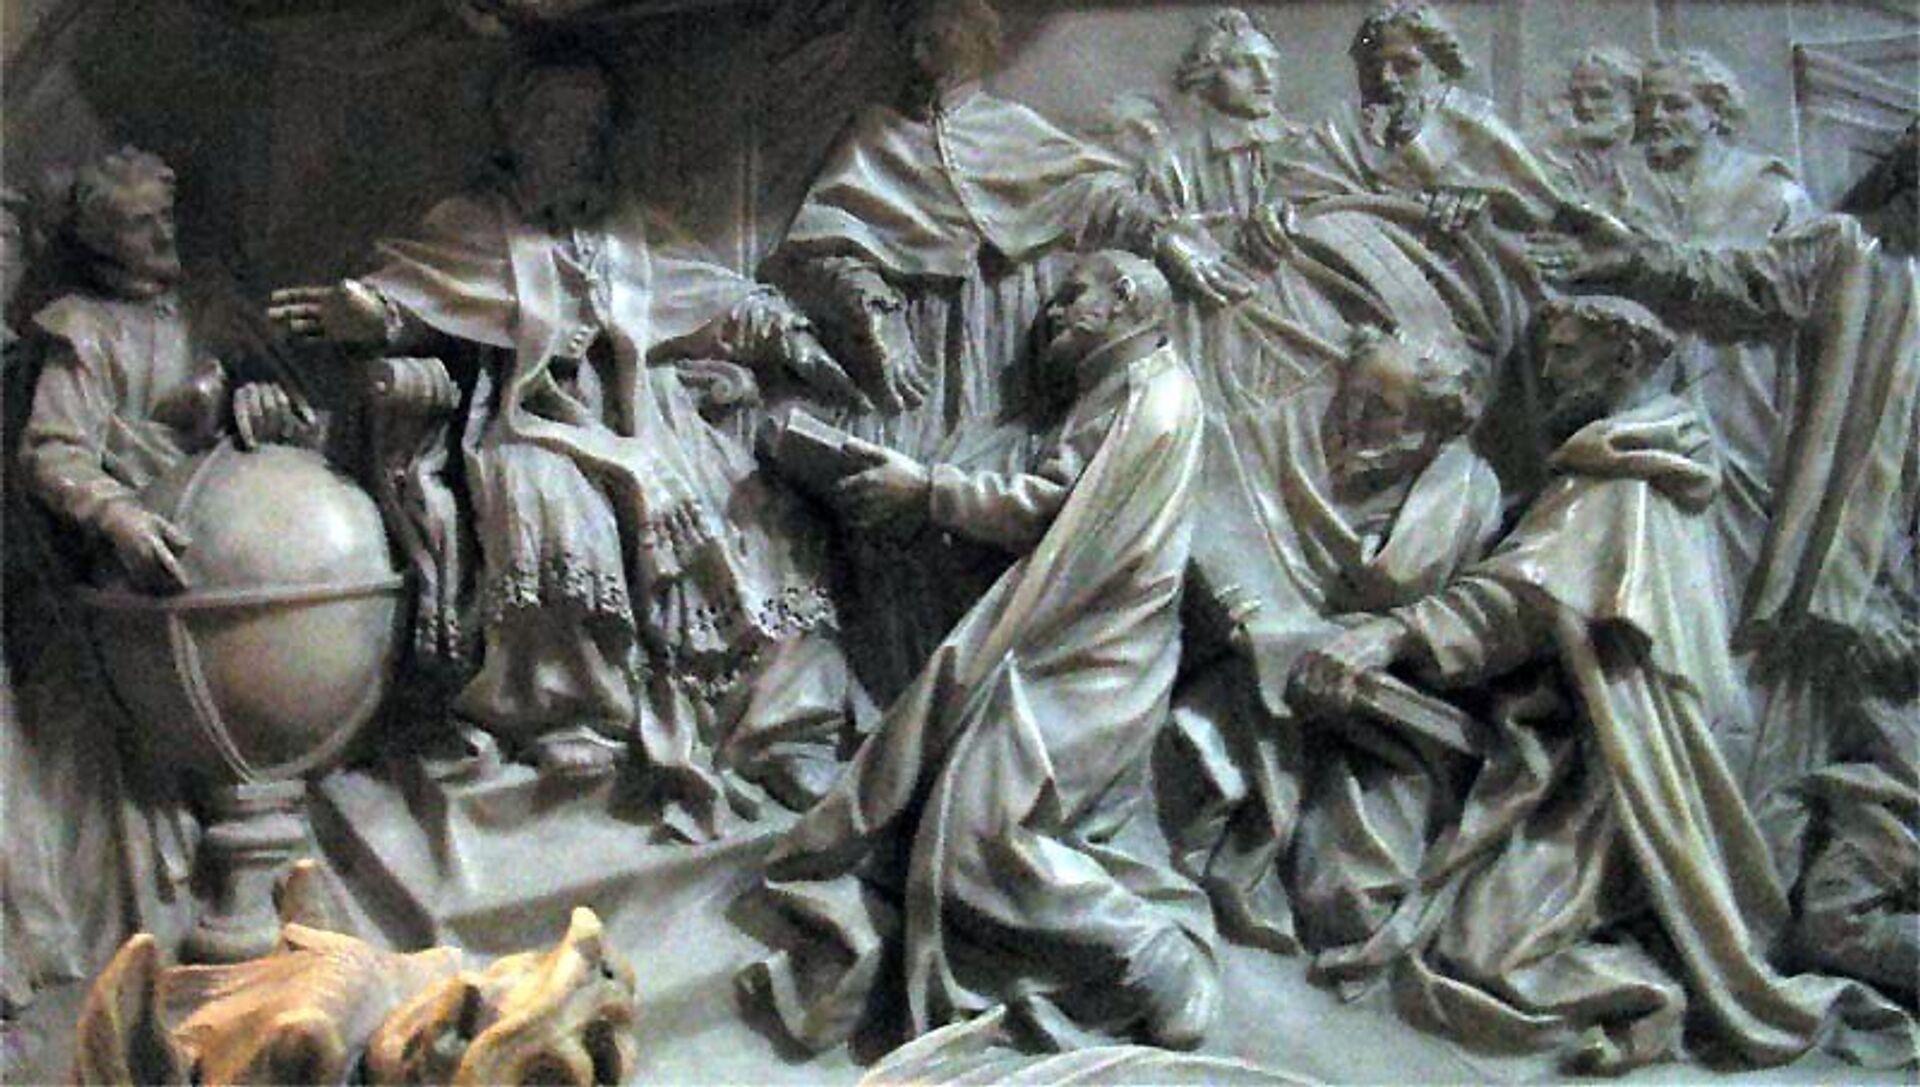 Введение григорианского календаря. Барельеф на могиле папы Григория XIII в Соборе Святого Петра в Риме - РИА Новости, 1920, 14.02.2018